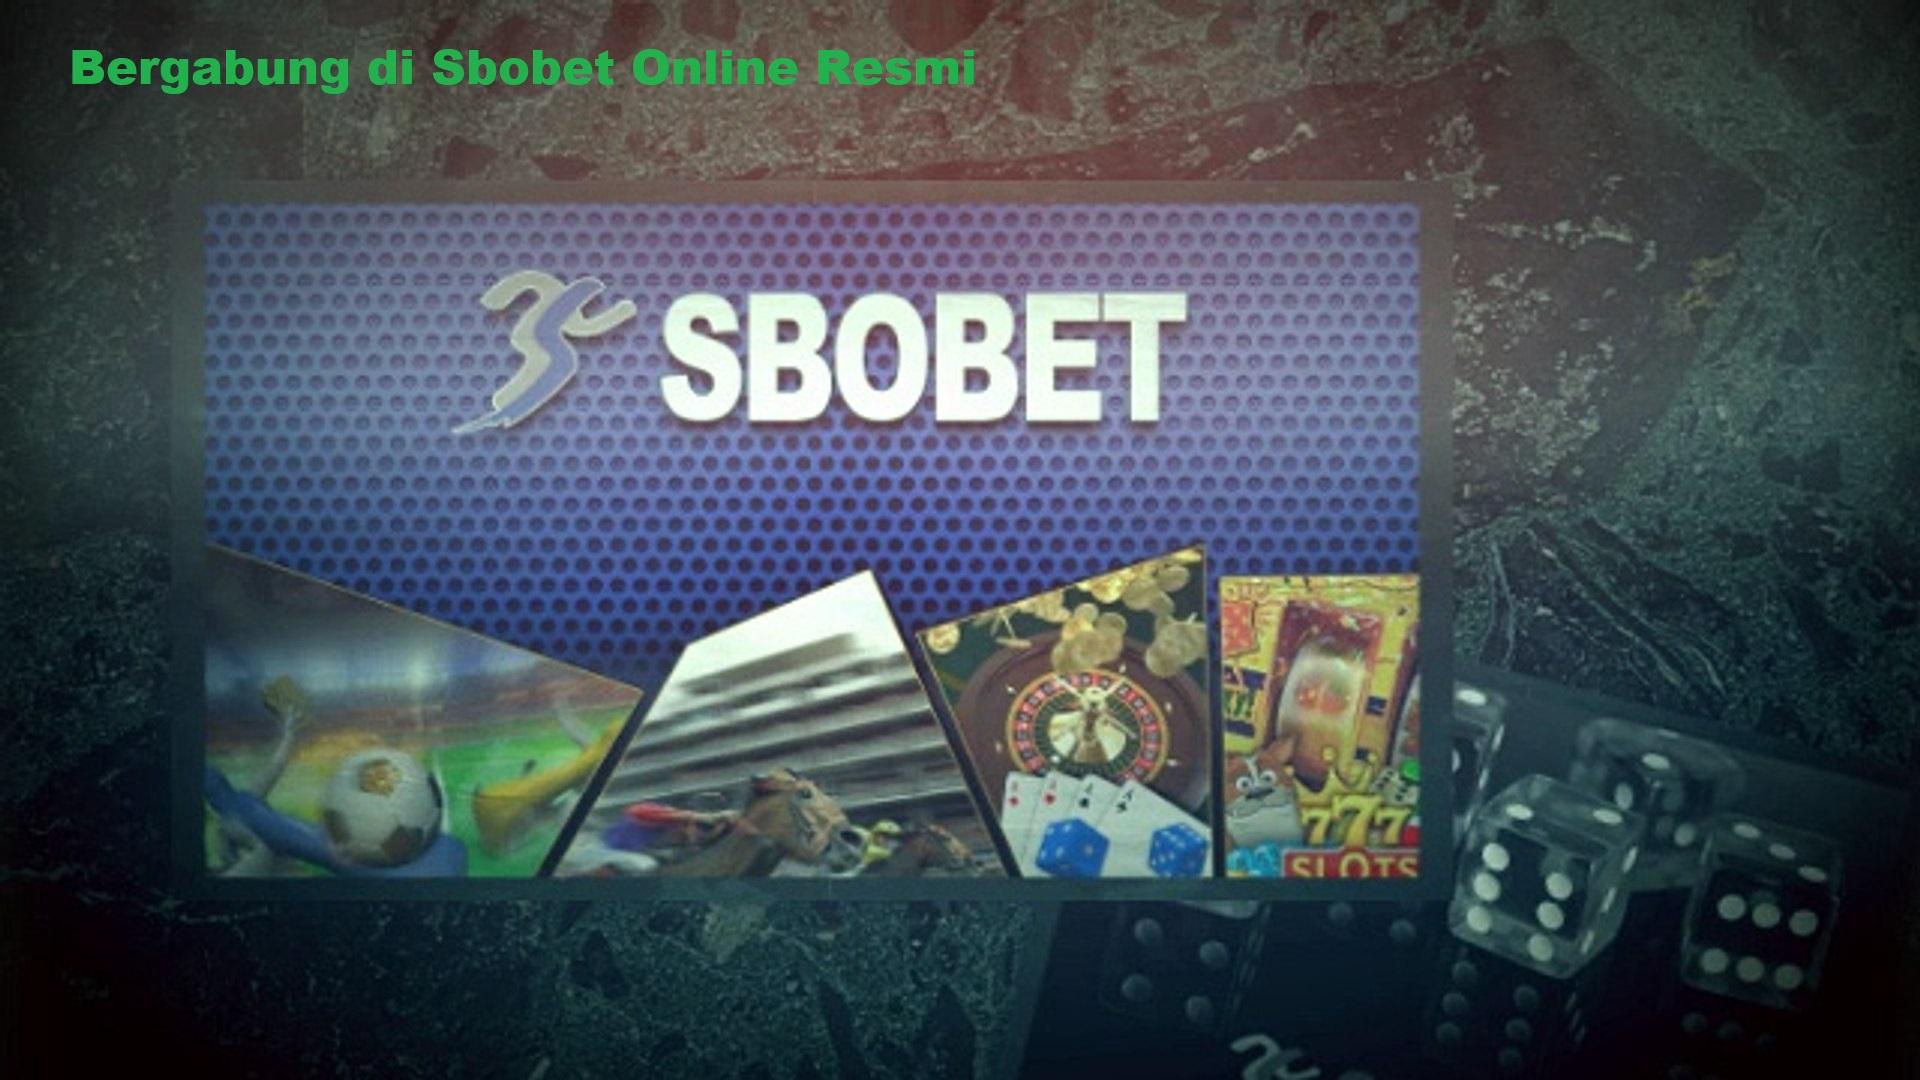 Bergabung di Sbobet Online Resmi